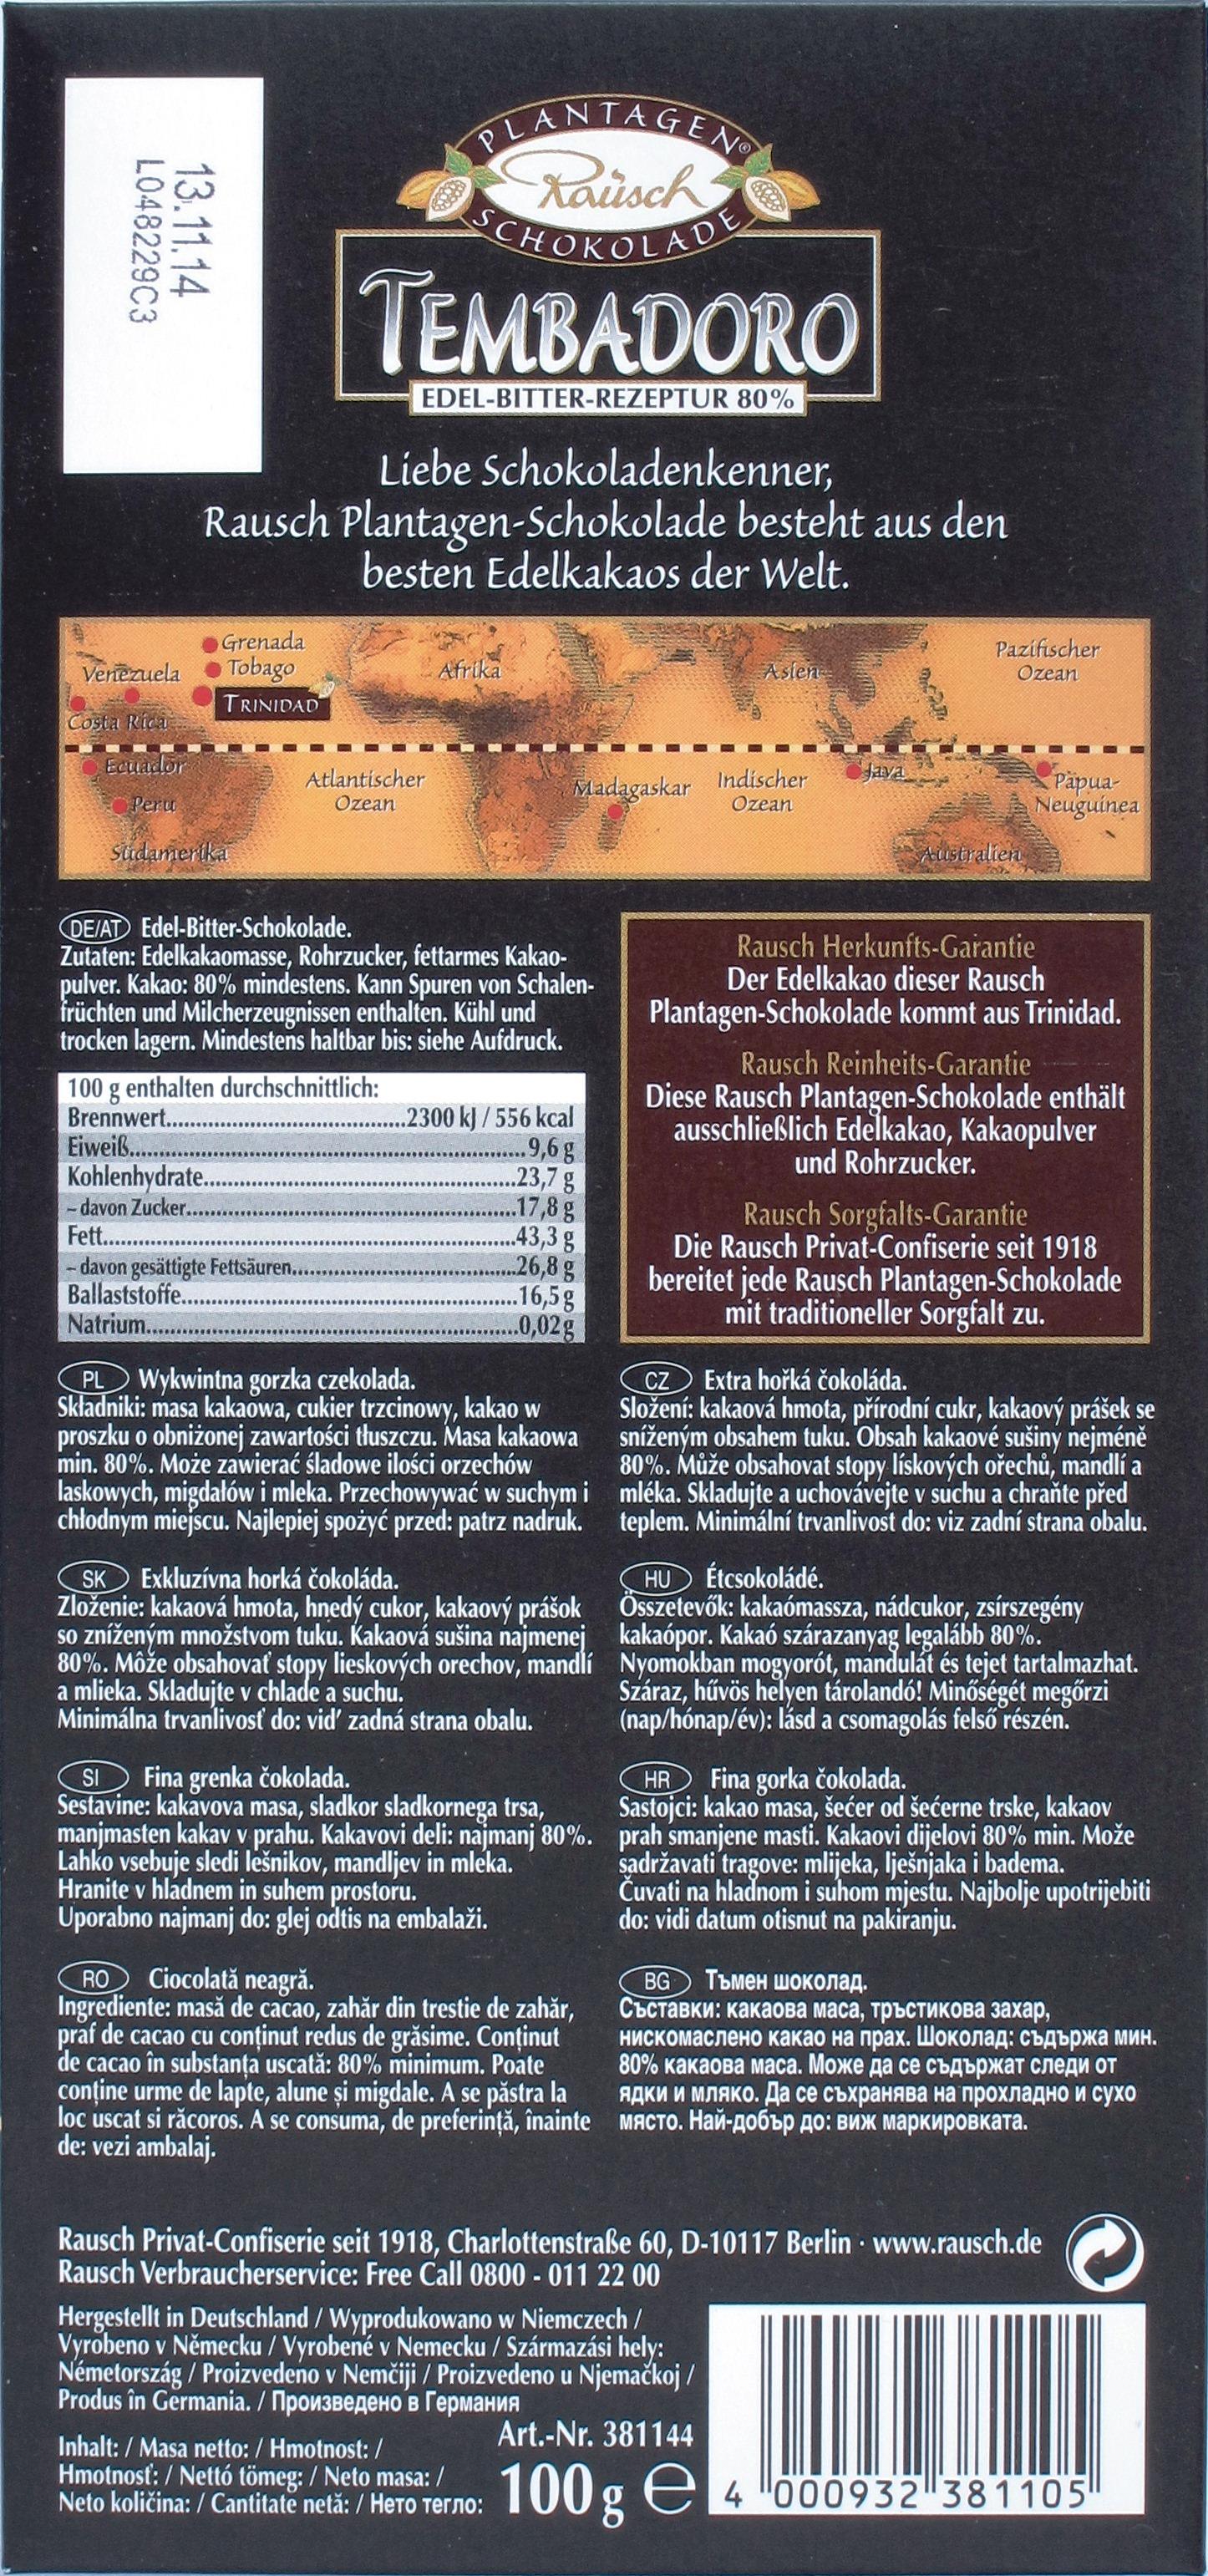 Rückseite: Bitterschokolade Rausch Tembadoro, 80%